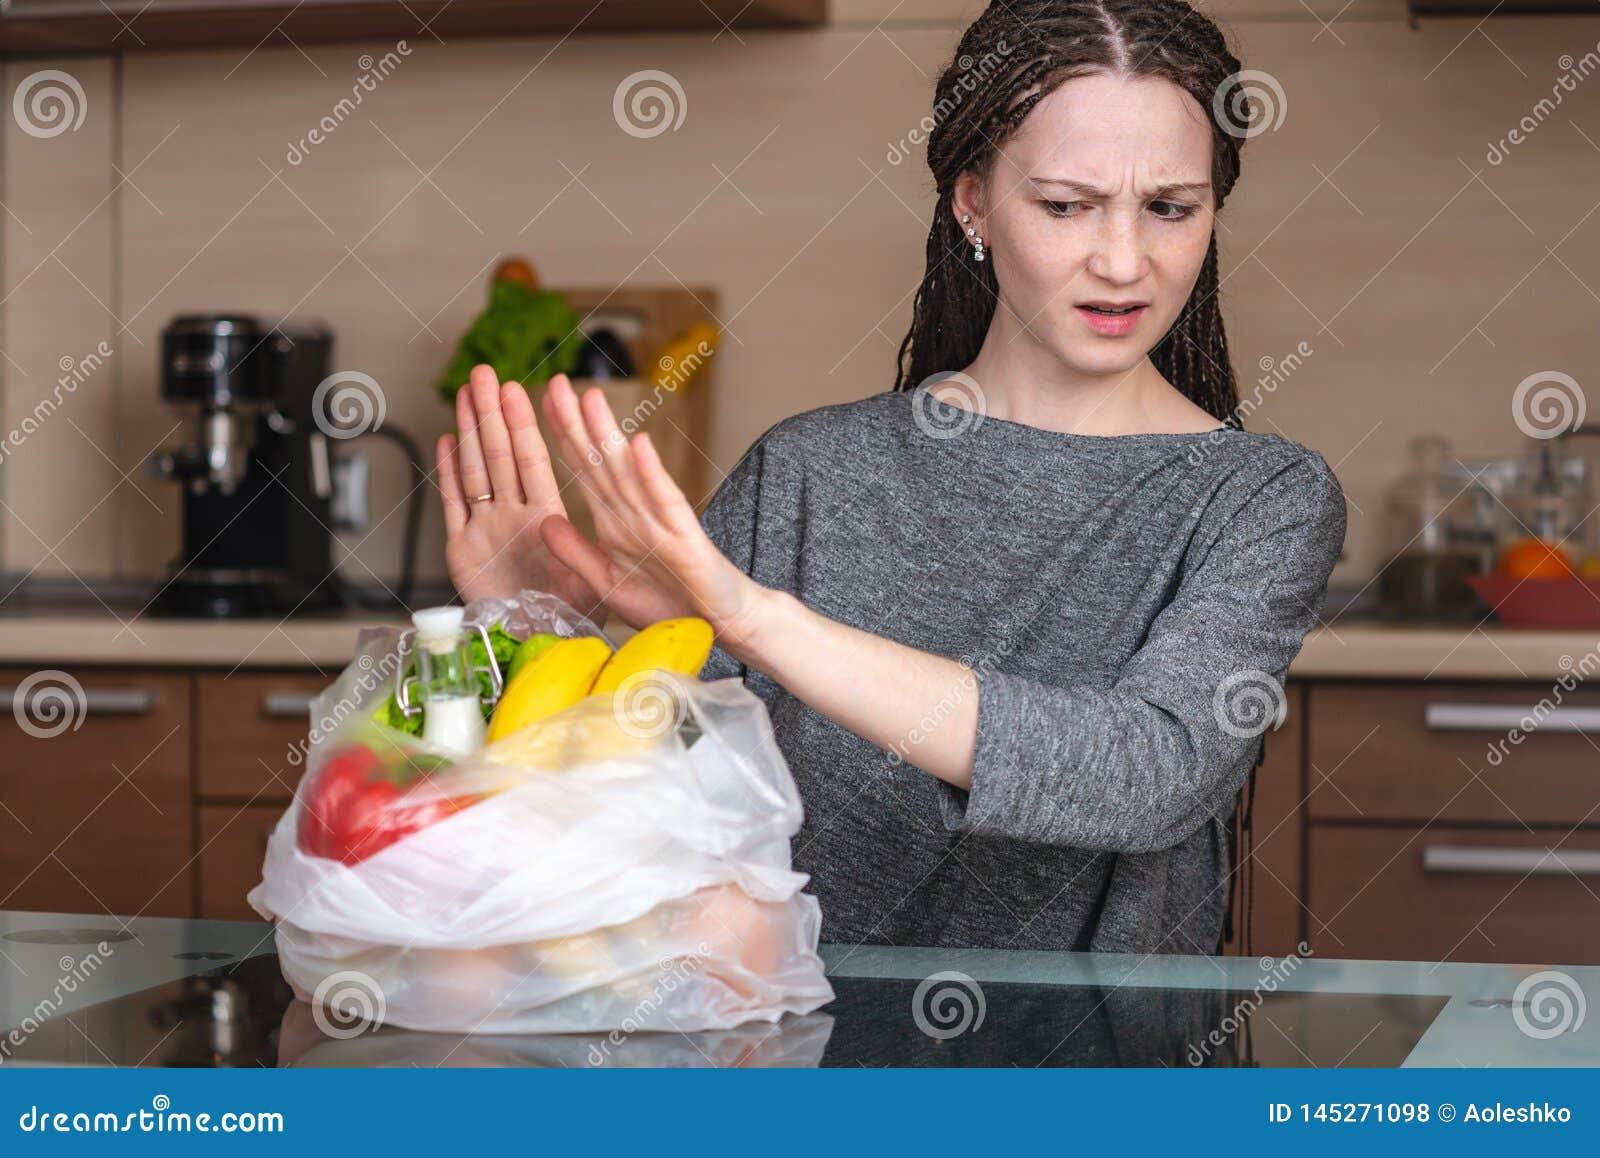 Frau denkt die abzulehnen, eine Plastiktasche zu benutzen, um Produkte zu kaufen Umweltschutz und das Aufgeben des Plastiks